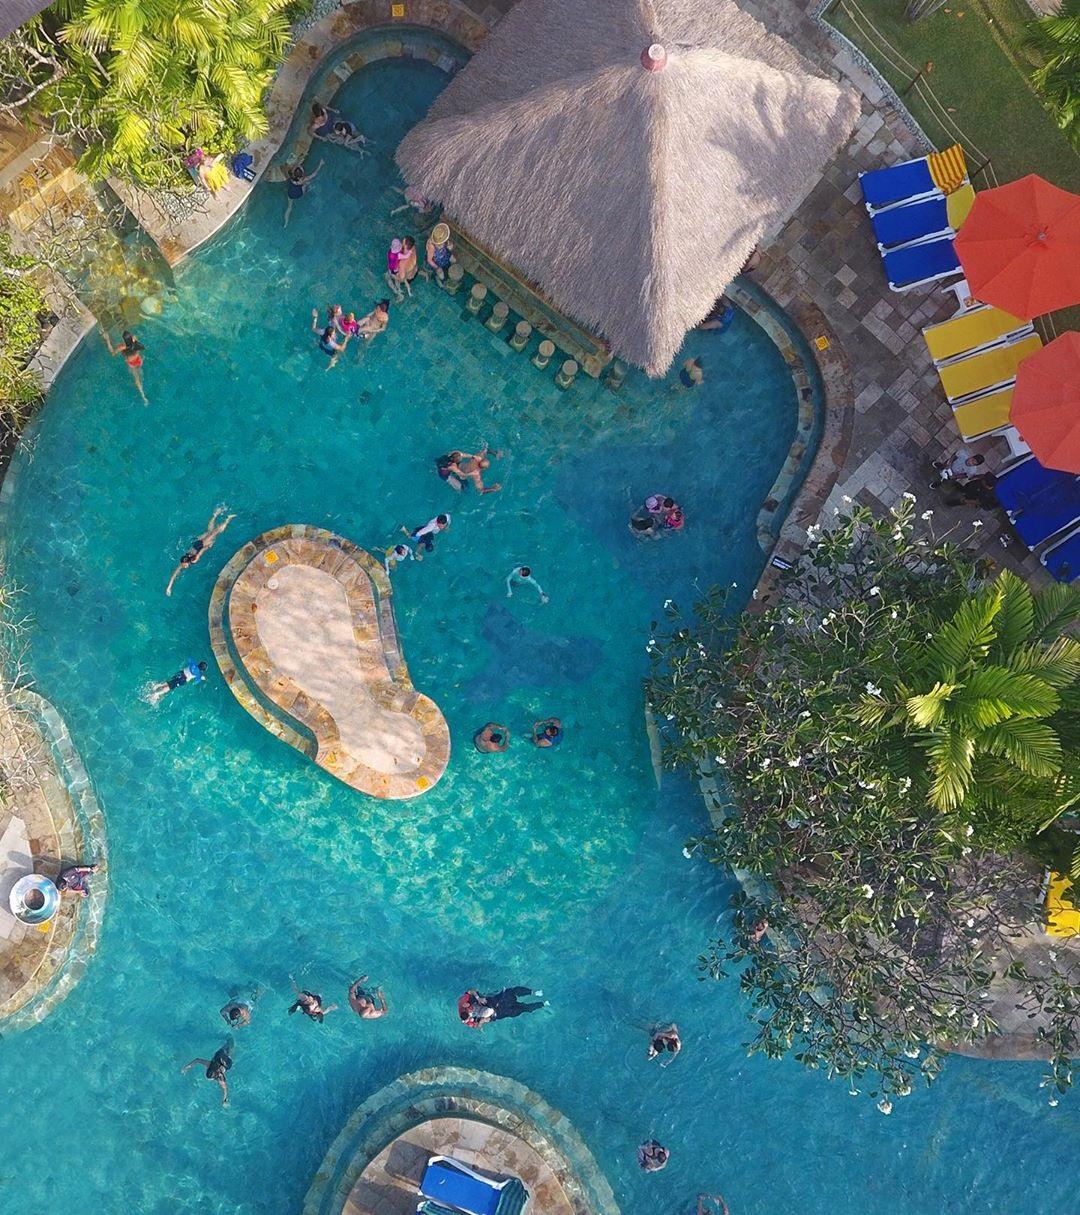 Harga Makanan di Waterboom Bali